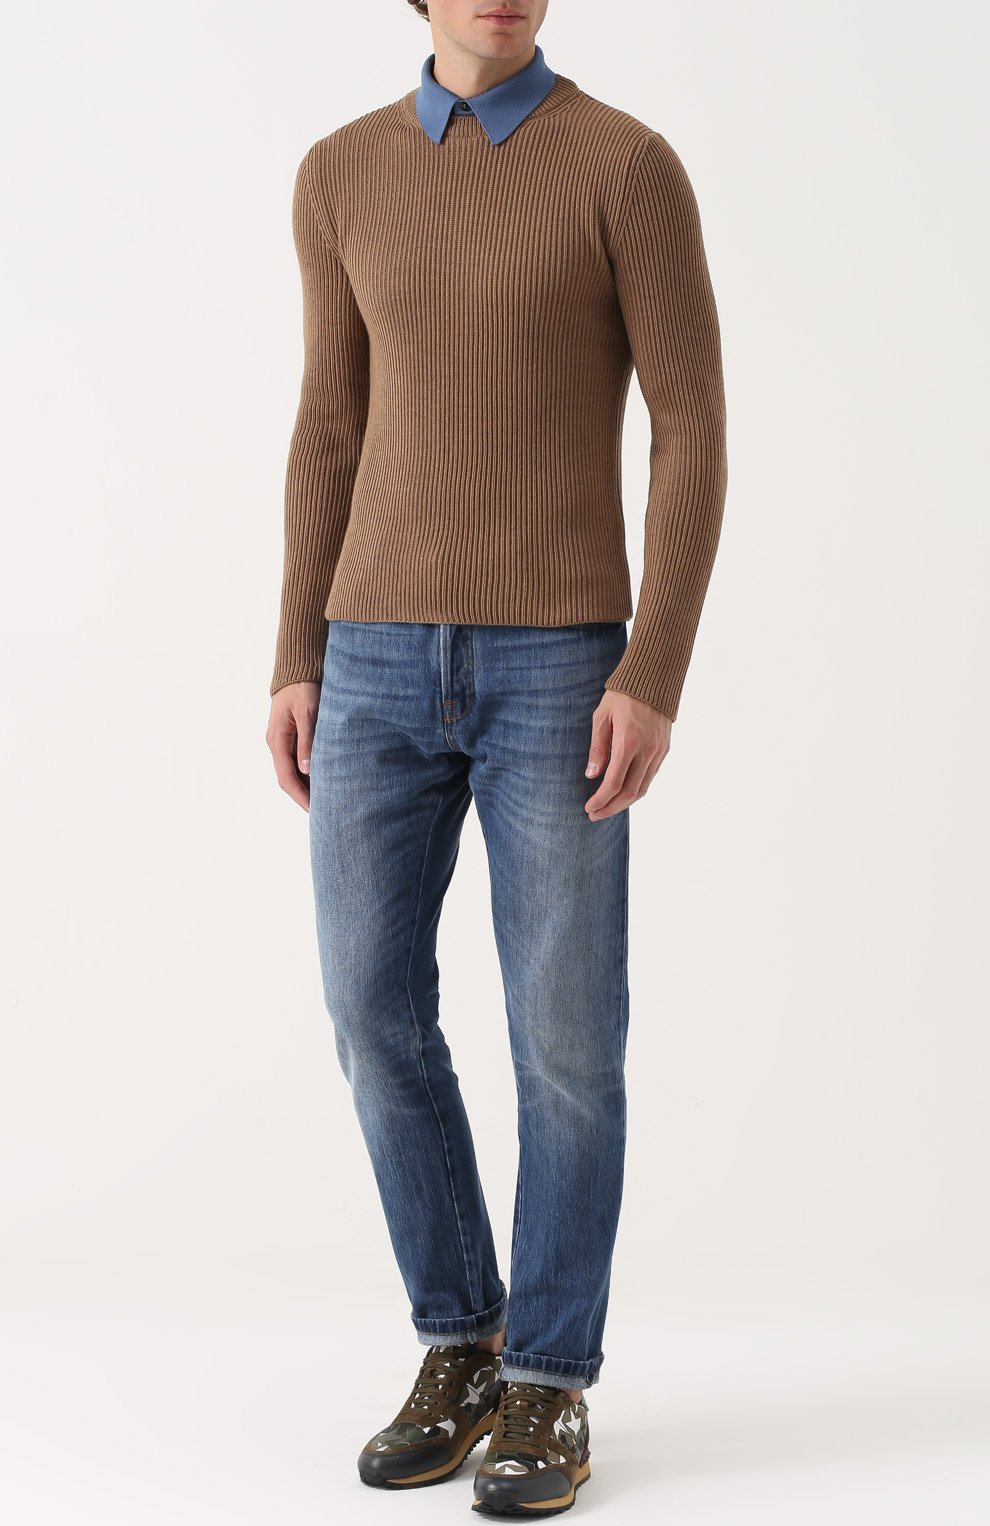 Джемпер из шерсти фактурной вязки с контрастным воротником | Фото №2